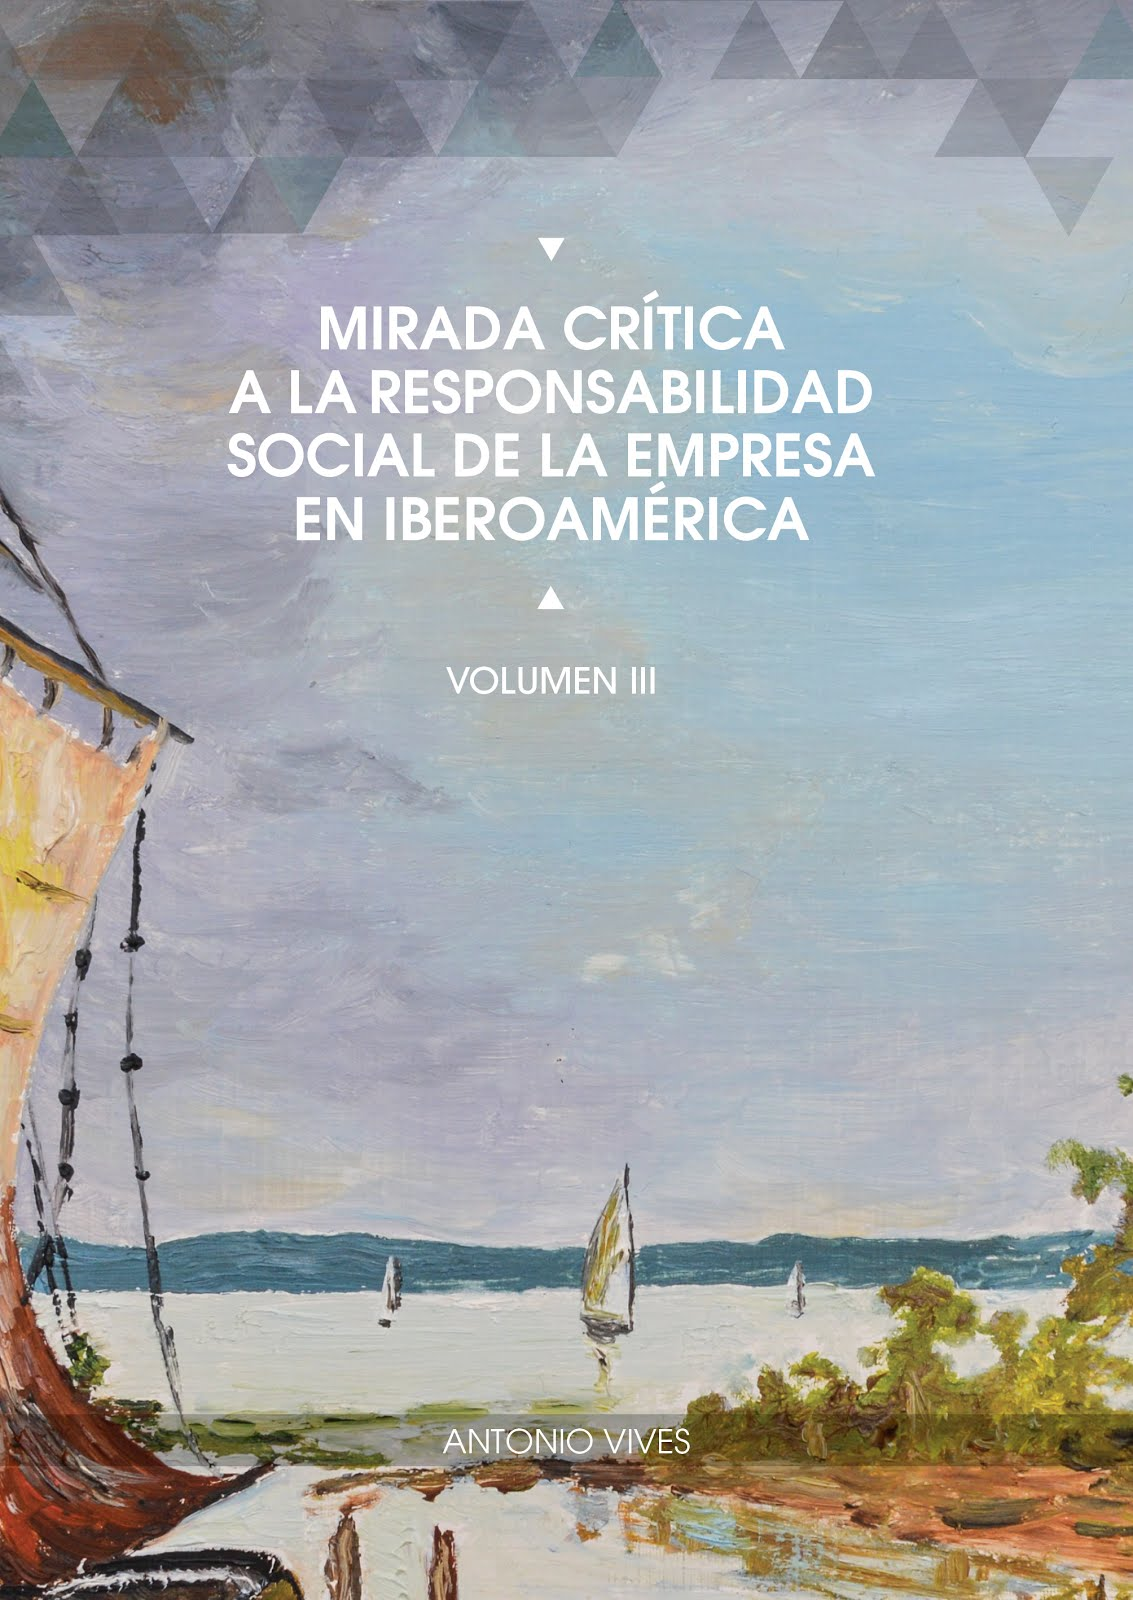 Mirada Crítica a la RSE en Iberamérica Volúmen III